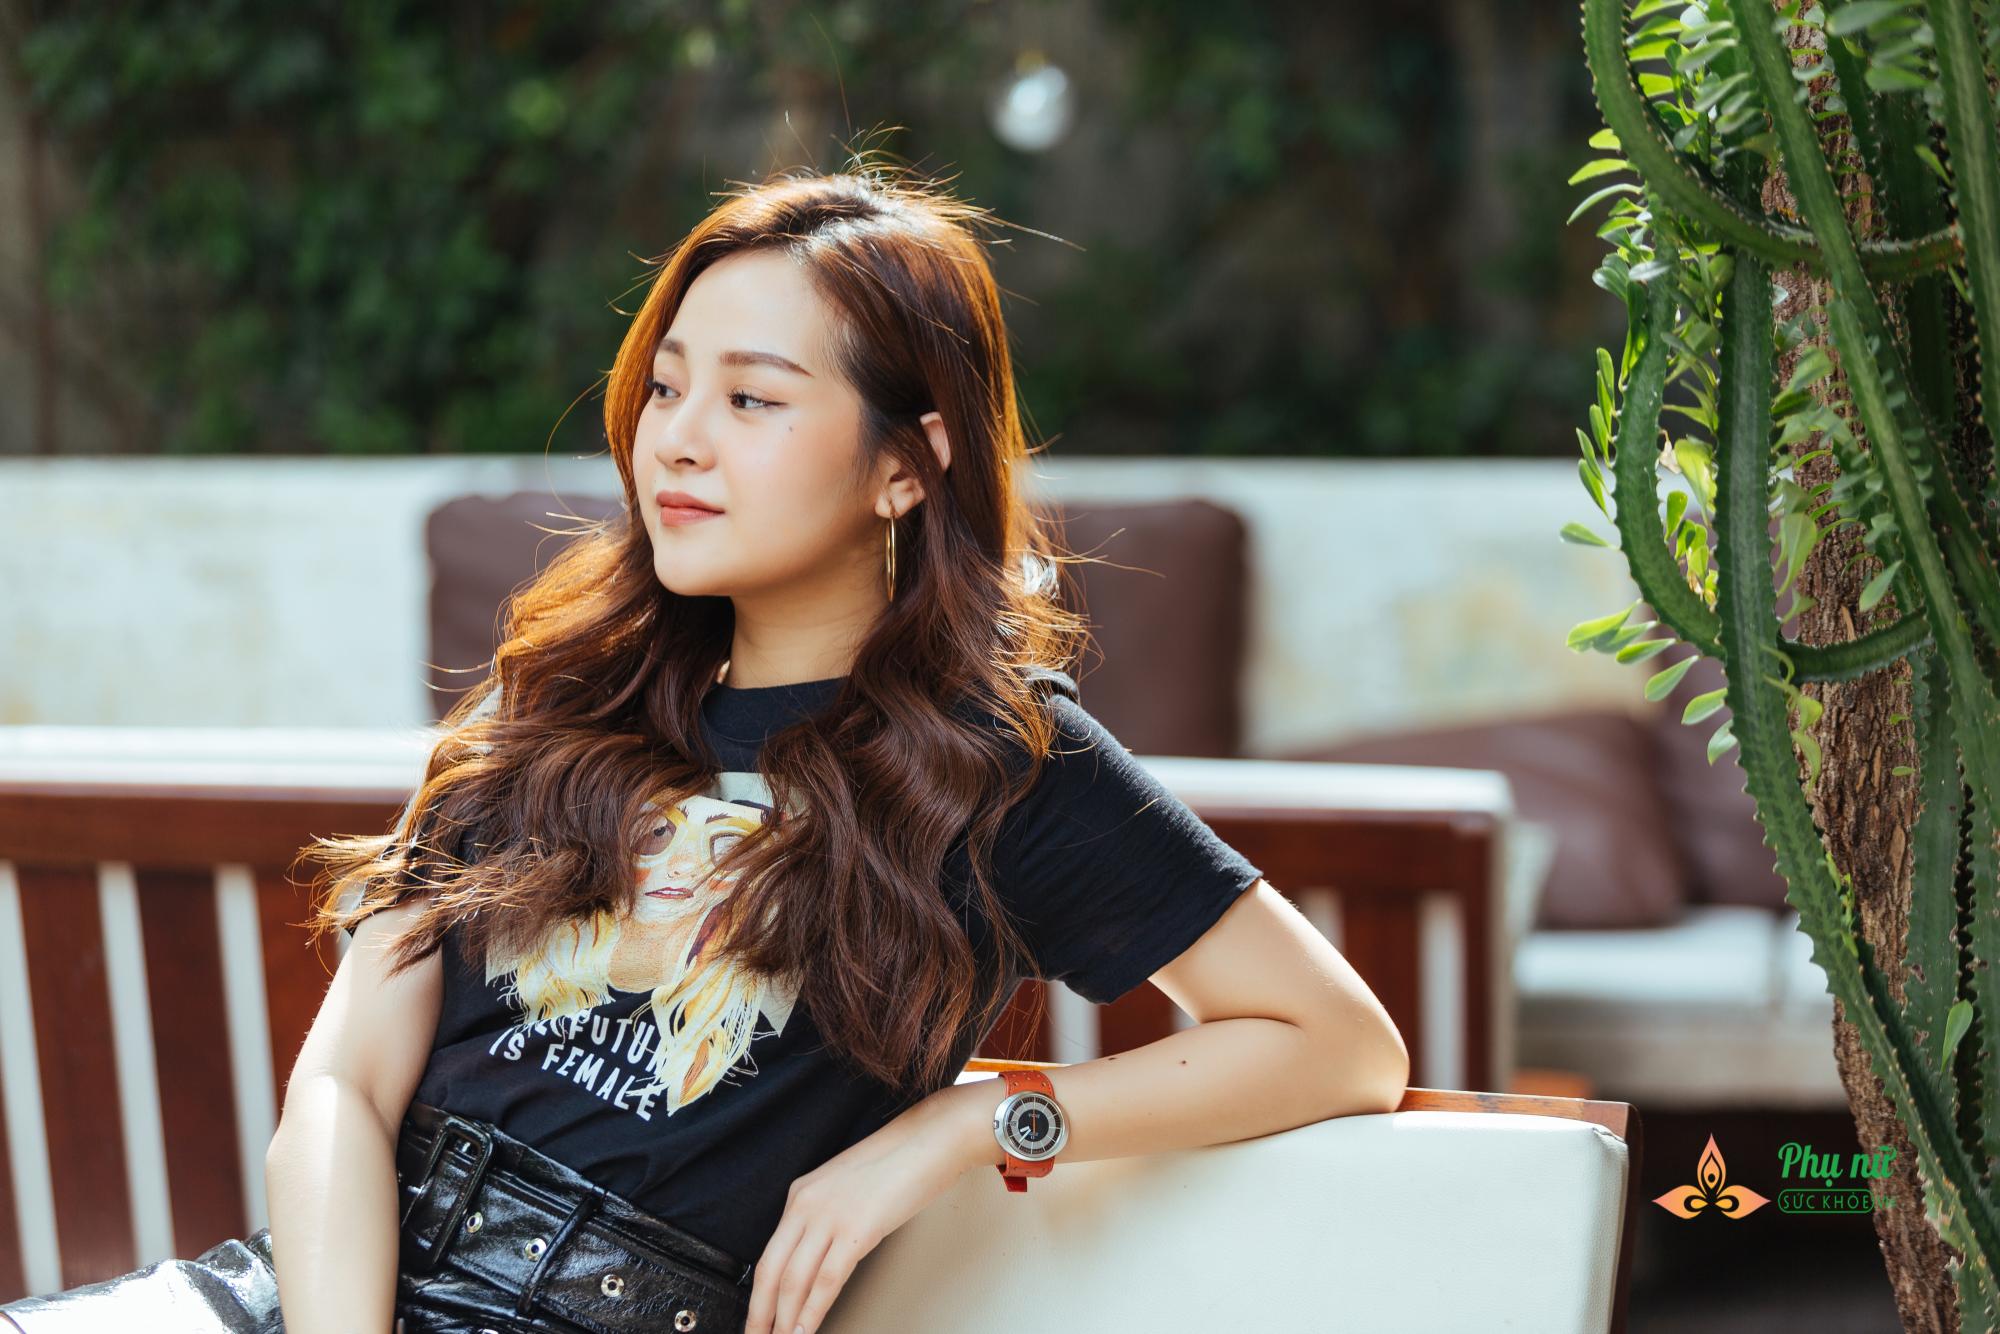 Tam Triều Dâng: 'Gia đình phá sản là cú sốc lớn khiến tôi trầm cảm' - Ảnh 1